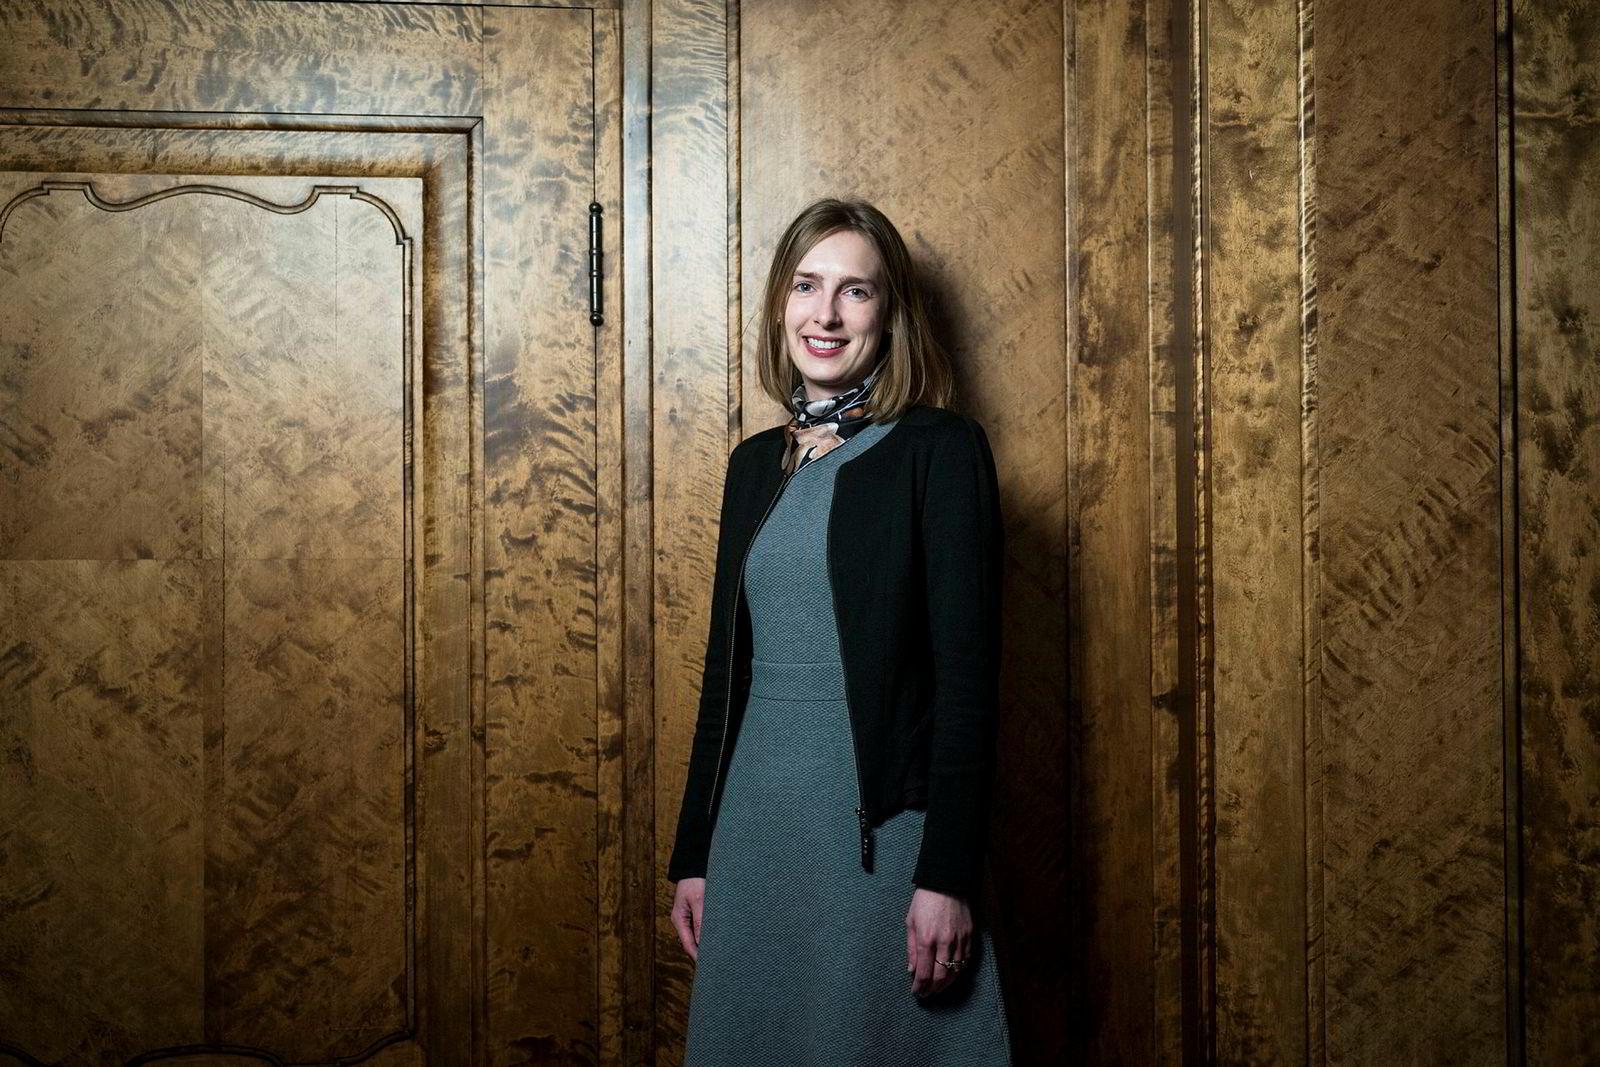 Forsknings- og høyere utdanningsminister Iselin Nybø advarer mot en usikker fremtid for høstens Erasmus+-studenter i Storbritannia.